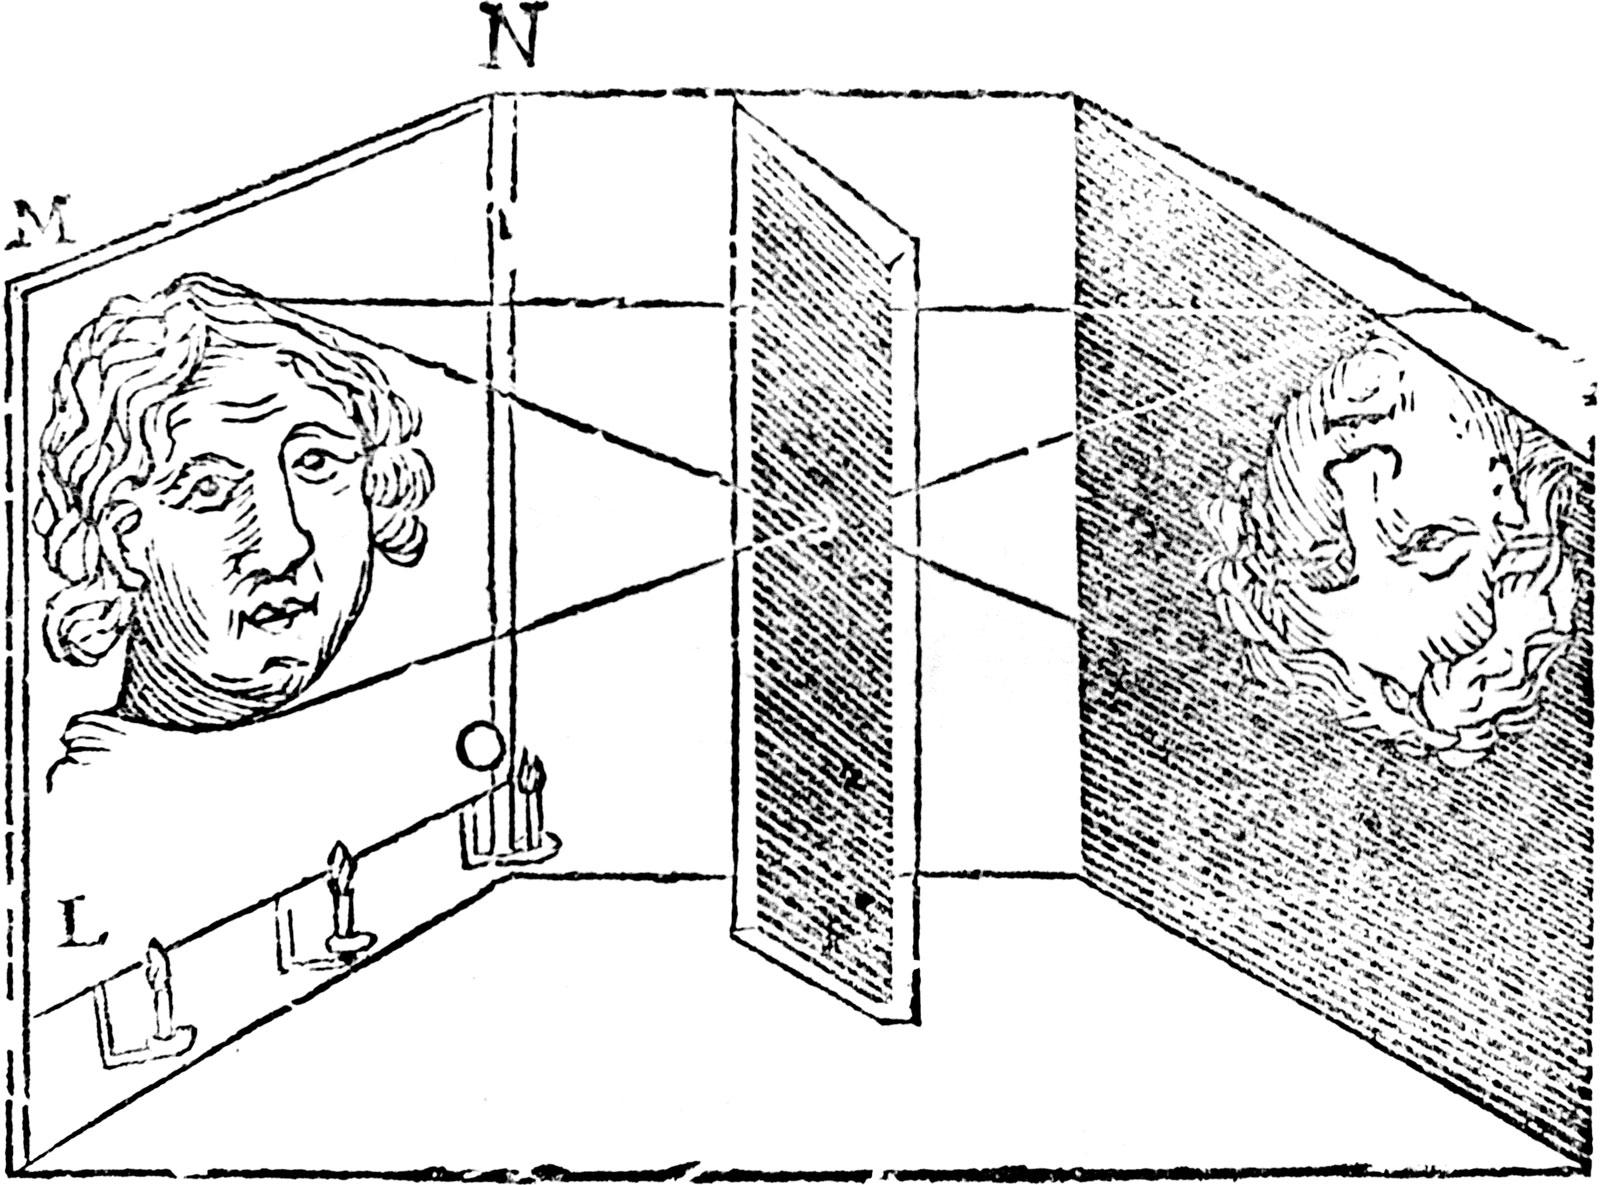 Illustration-principle-camera-obscura-1671